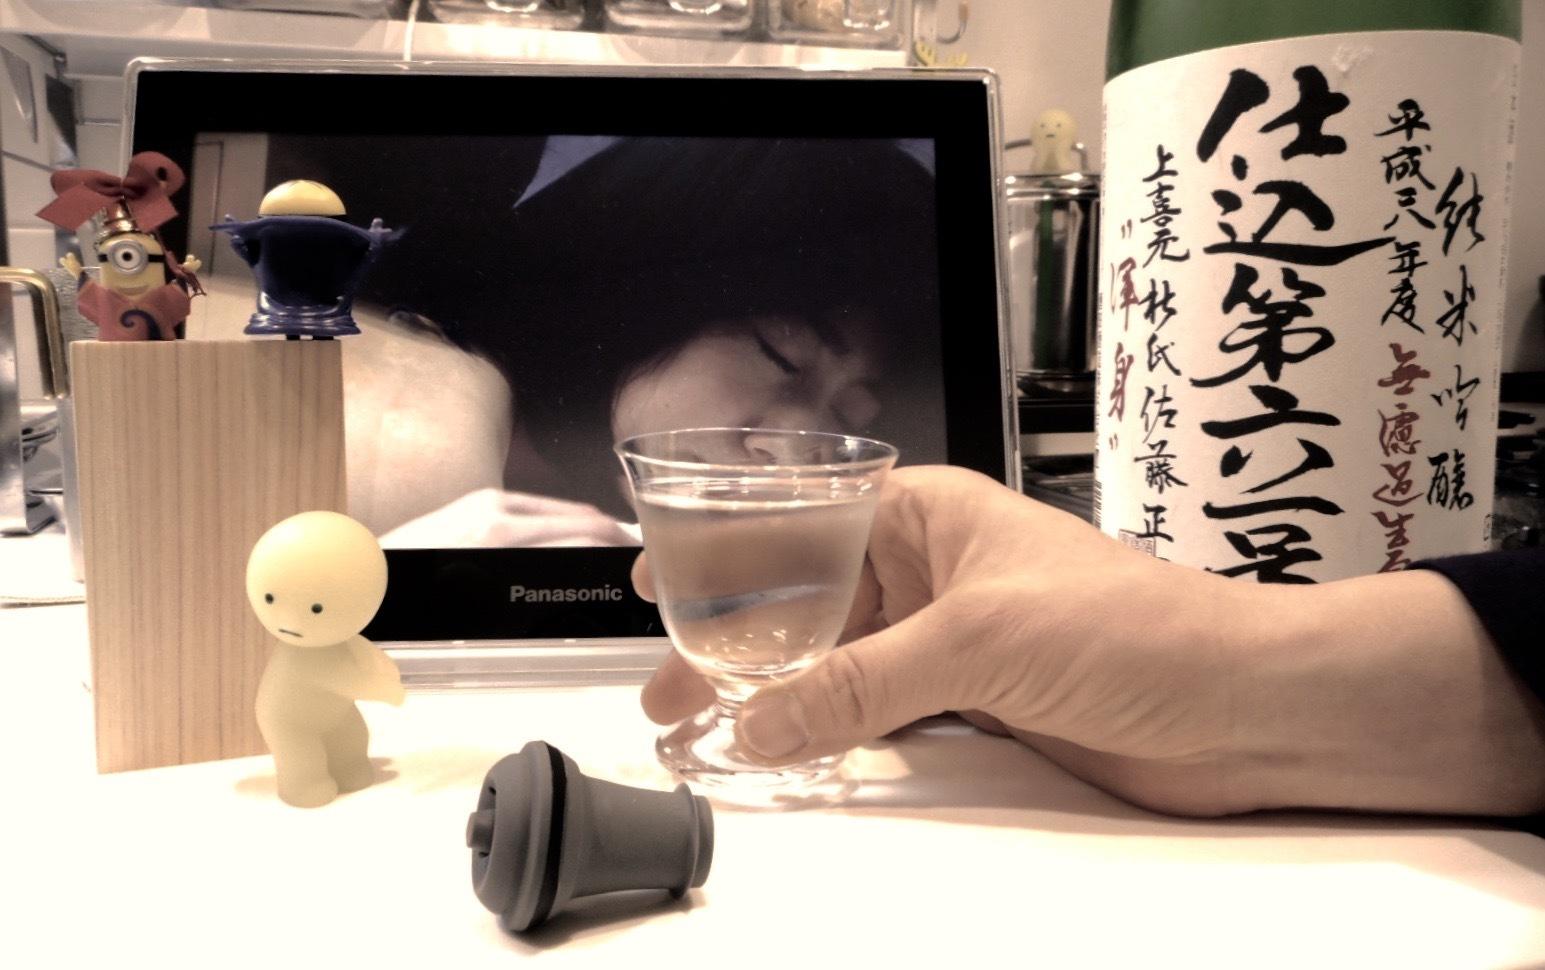 joukigen_konshin28by10.jpg